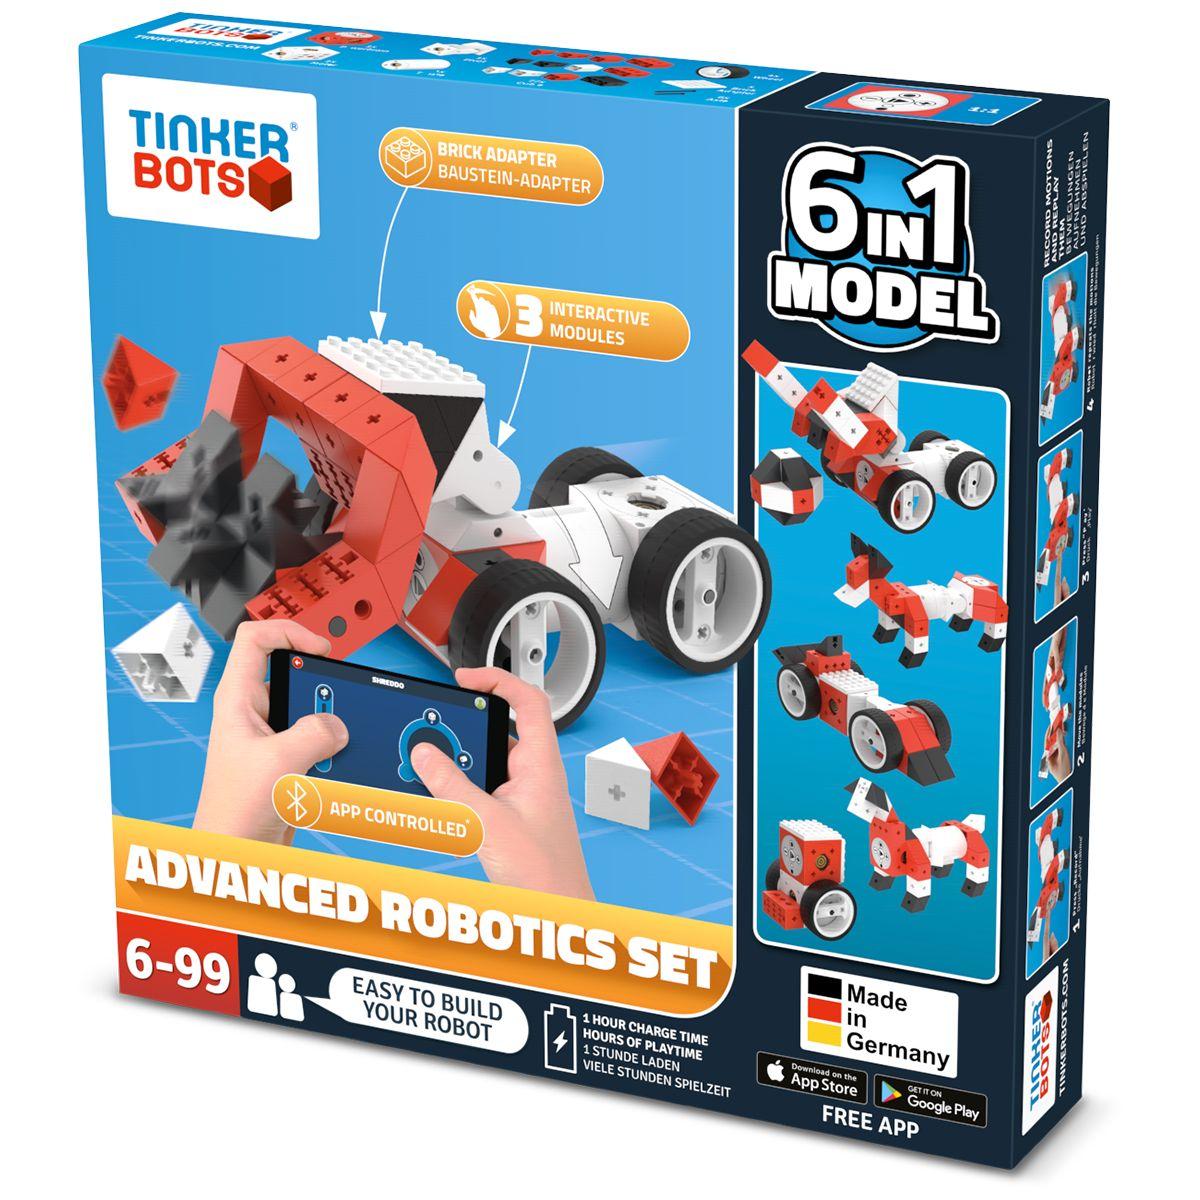 Robot programmable TINKERBOTS Robotics advanced set